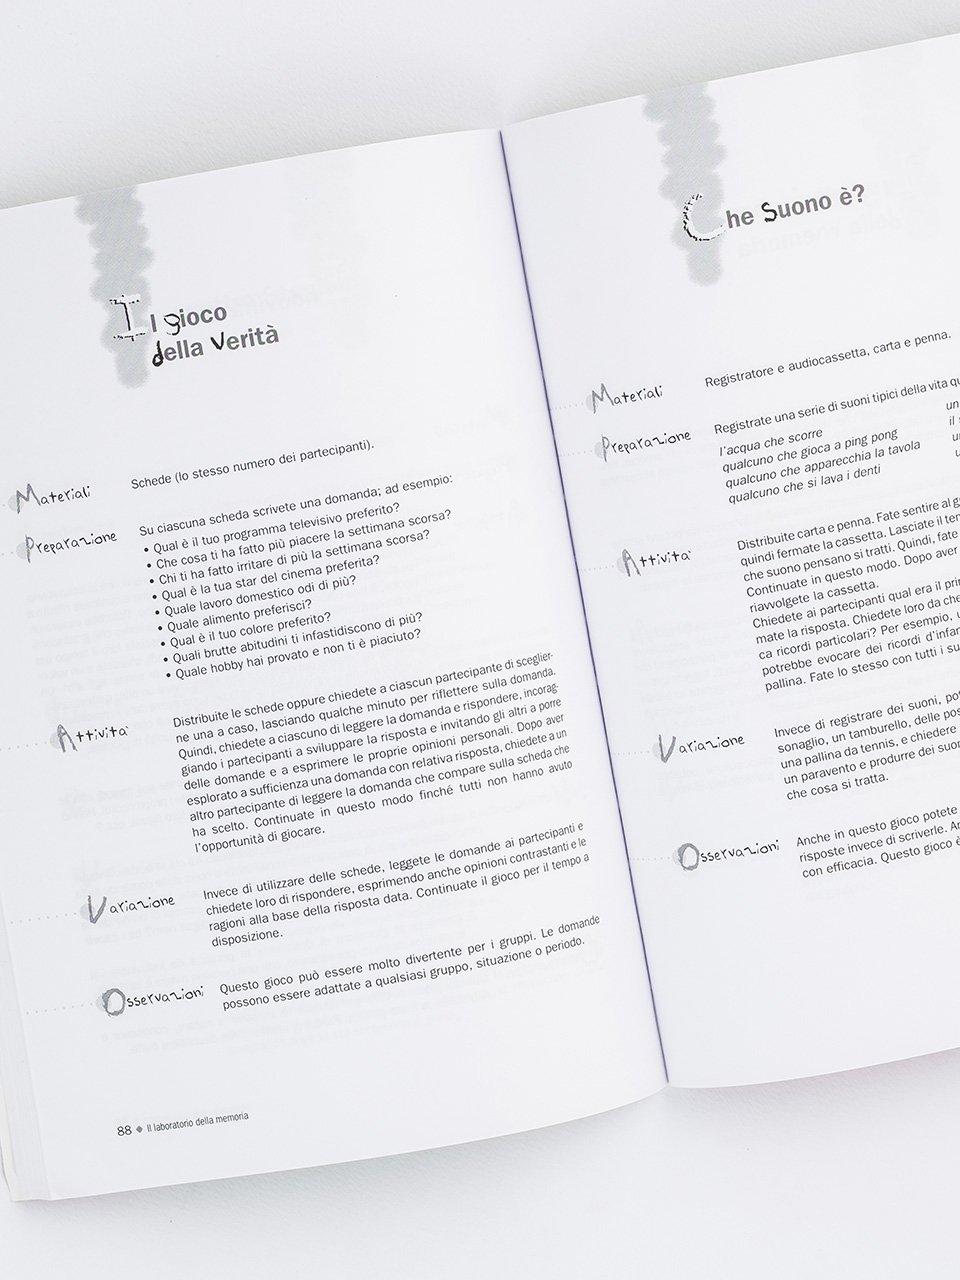 Il laboratorio della memoria - Libri - Erickson 2